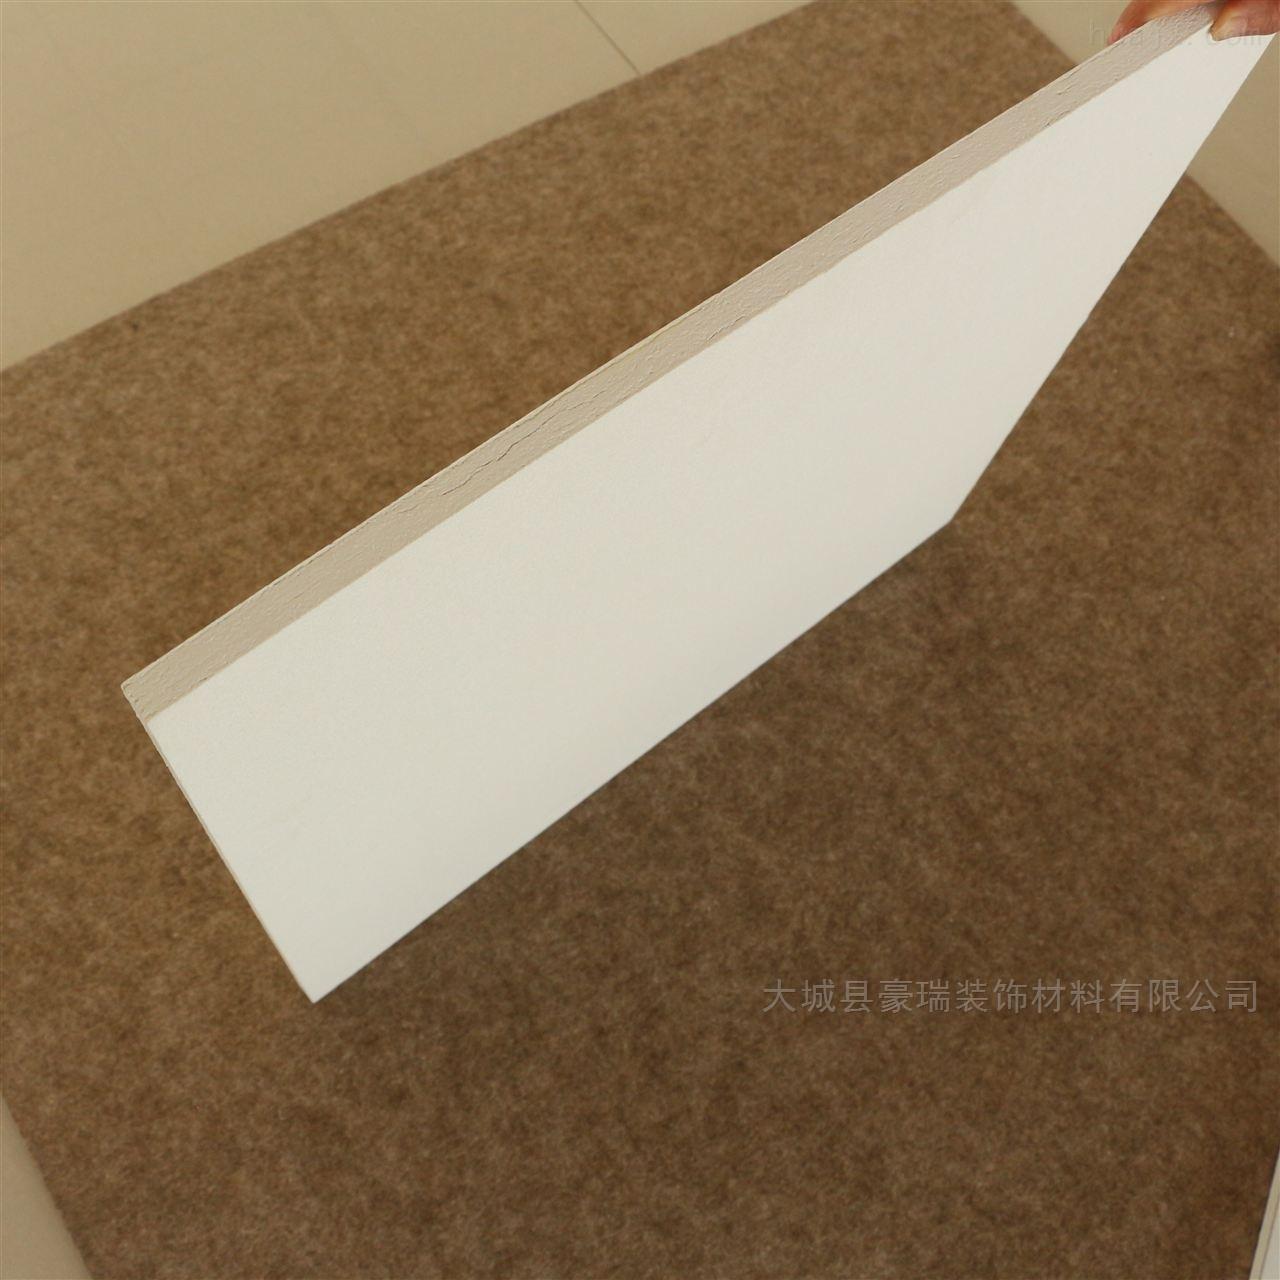 豪瑞岩棉玻纤天花板具有良好的隔热性能